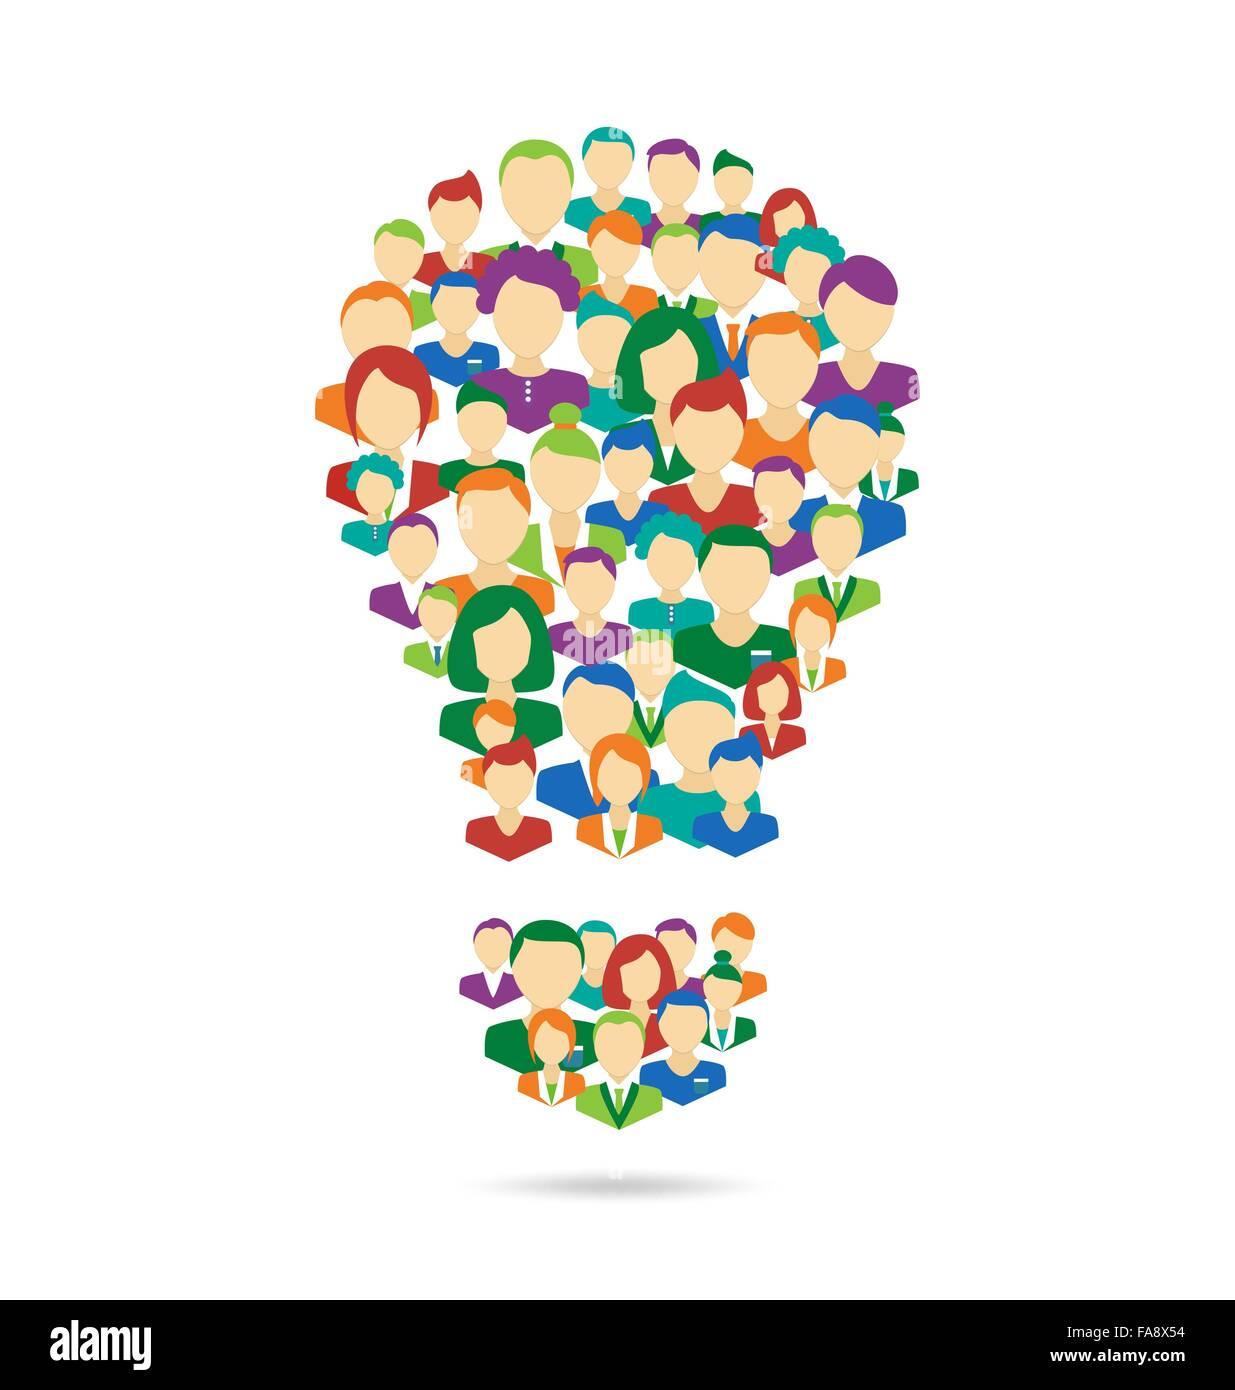 Piatto lampada Idea simboleggiano il processo di crowdsourcing isolato su bianco Immagini Stock